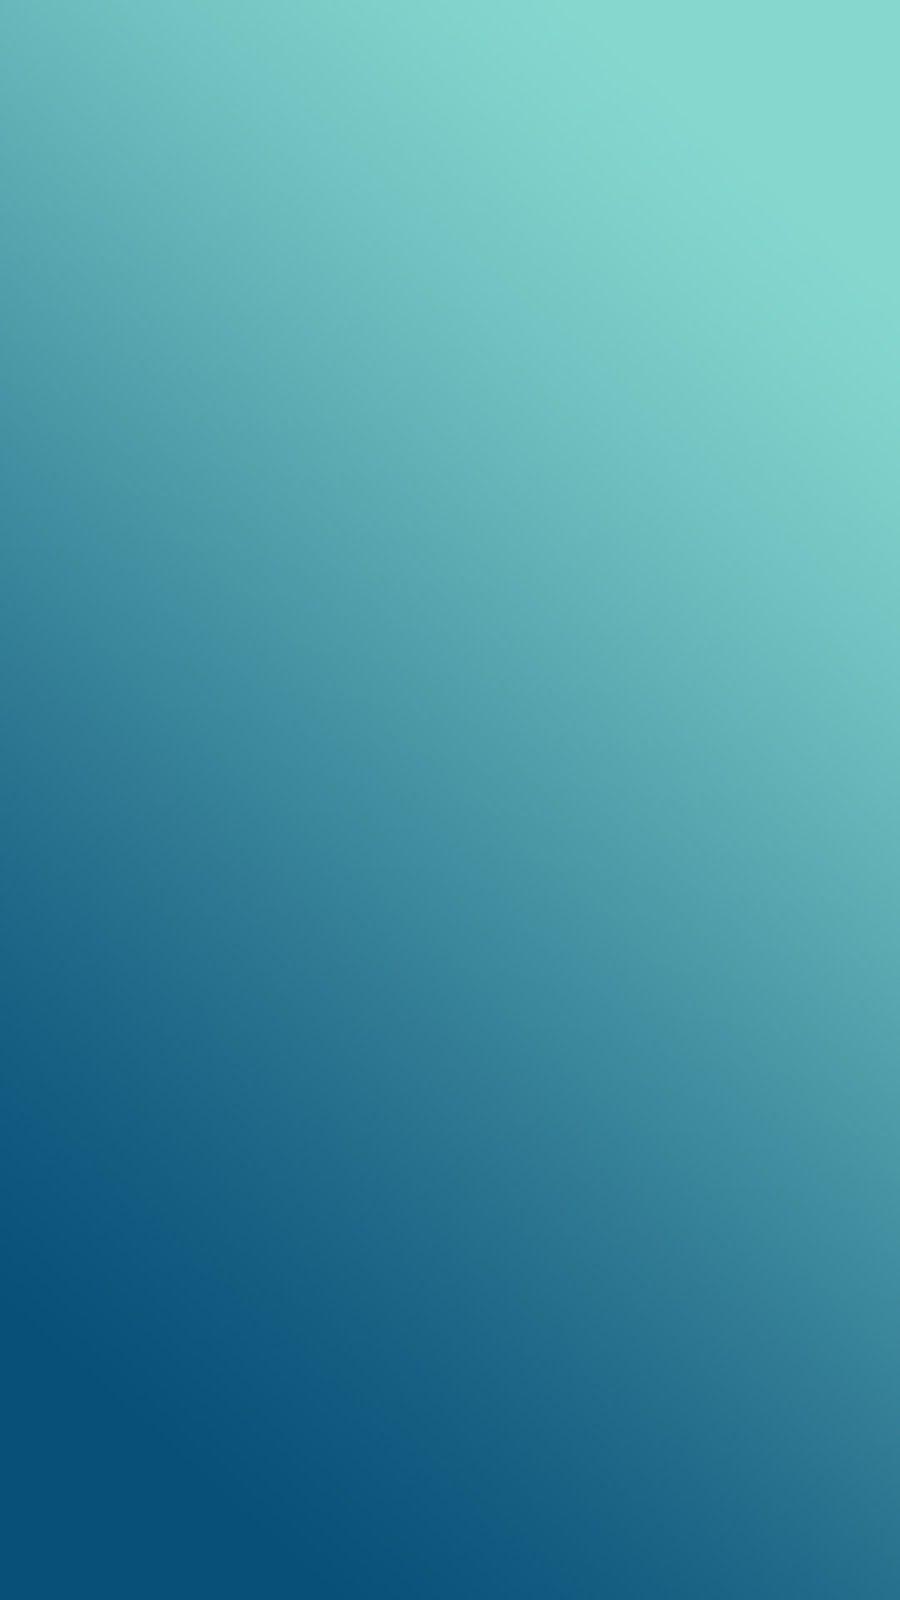 تحميل خلفيات ايفون 6 بلس الجديدة عالية الدقة مداد الجليد Fundo Azul Degrade Paletas De Cores Neutras Fundos De Cor Solida